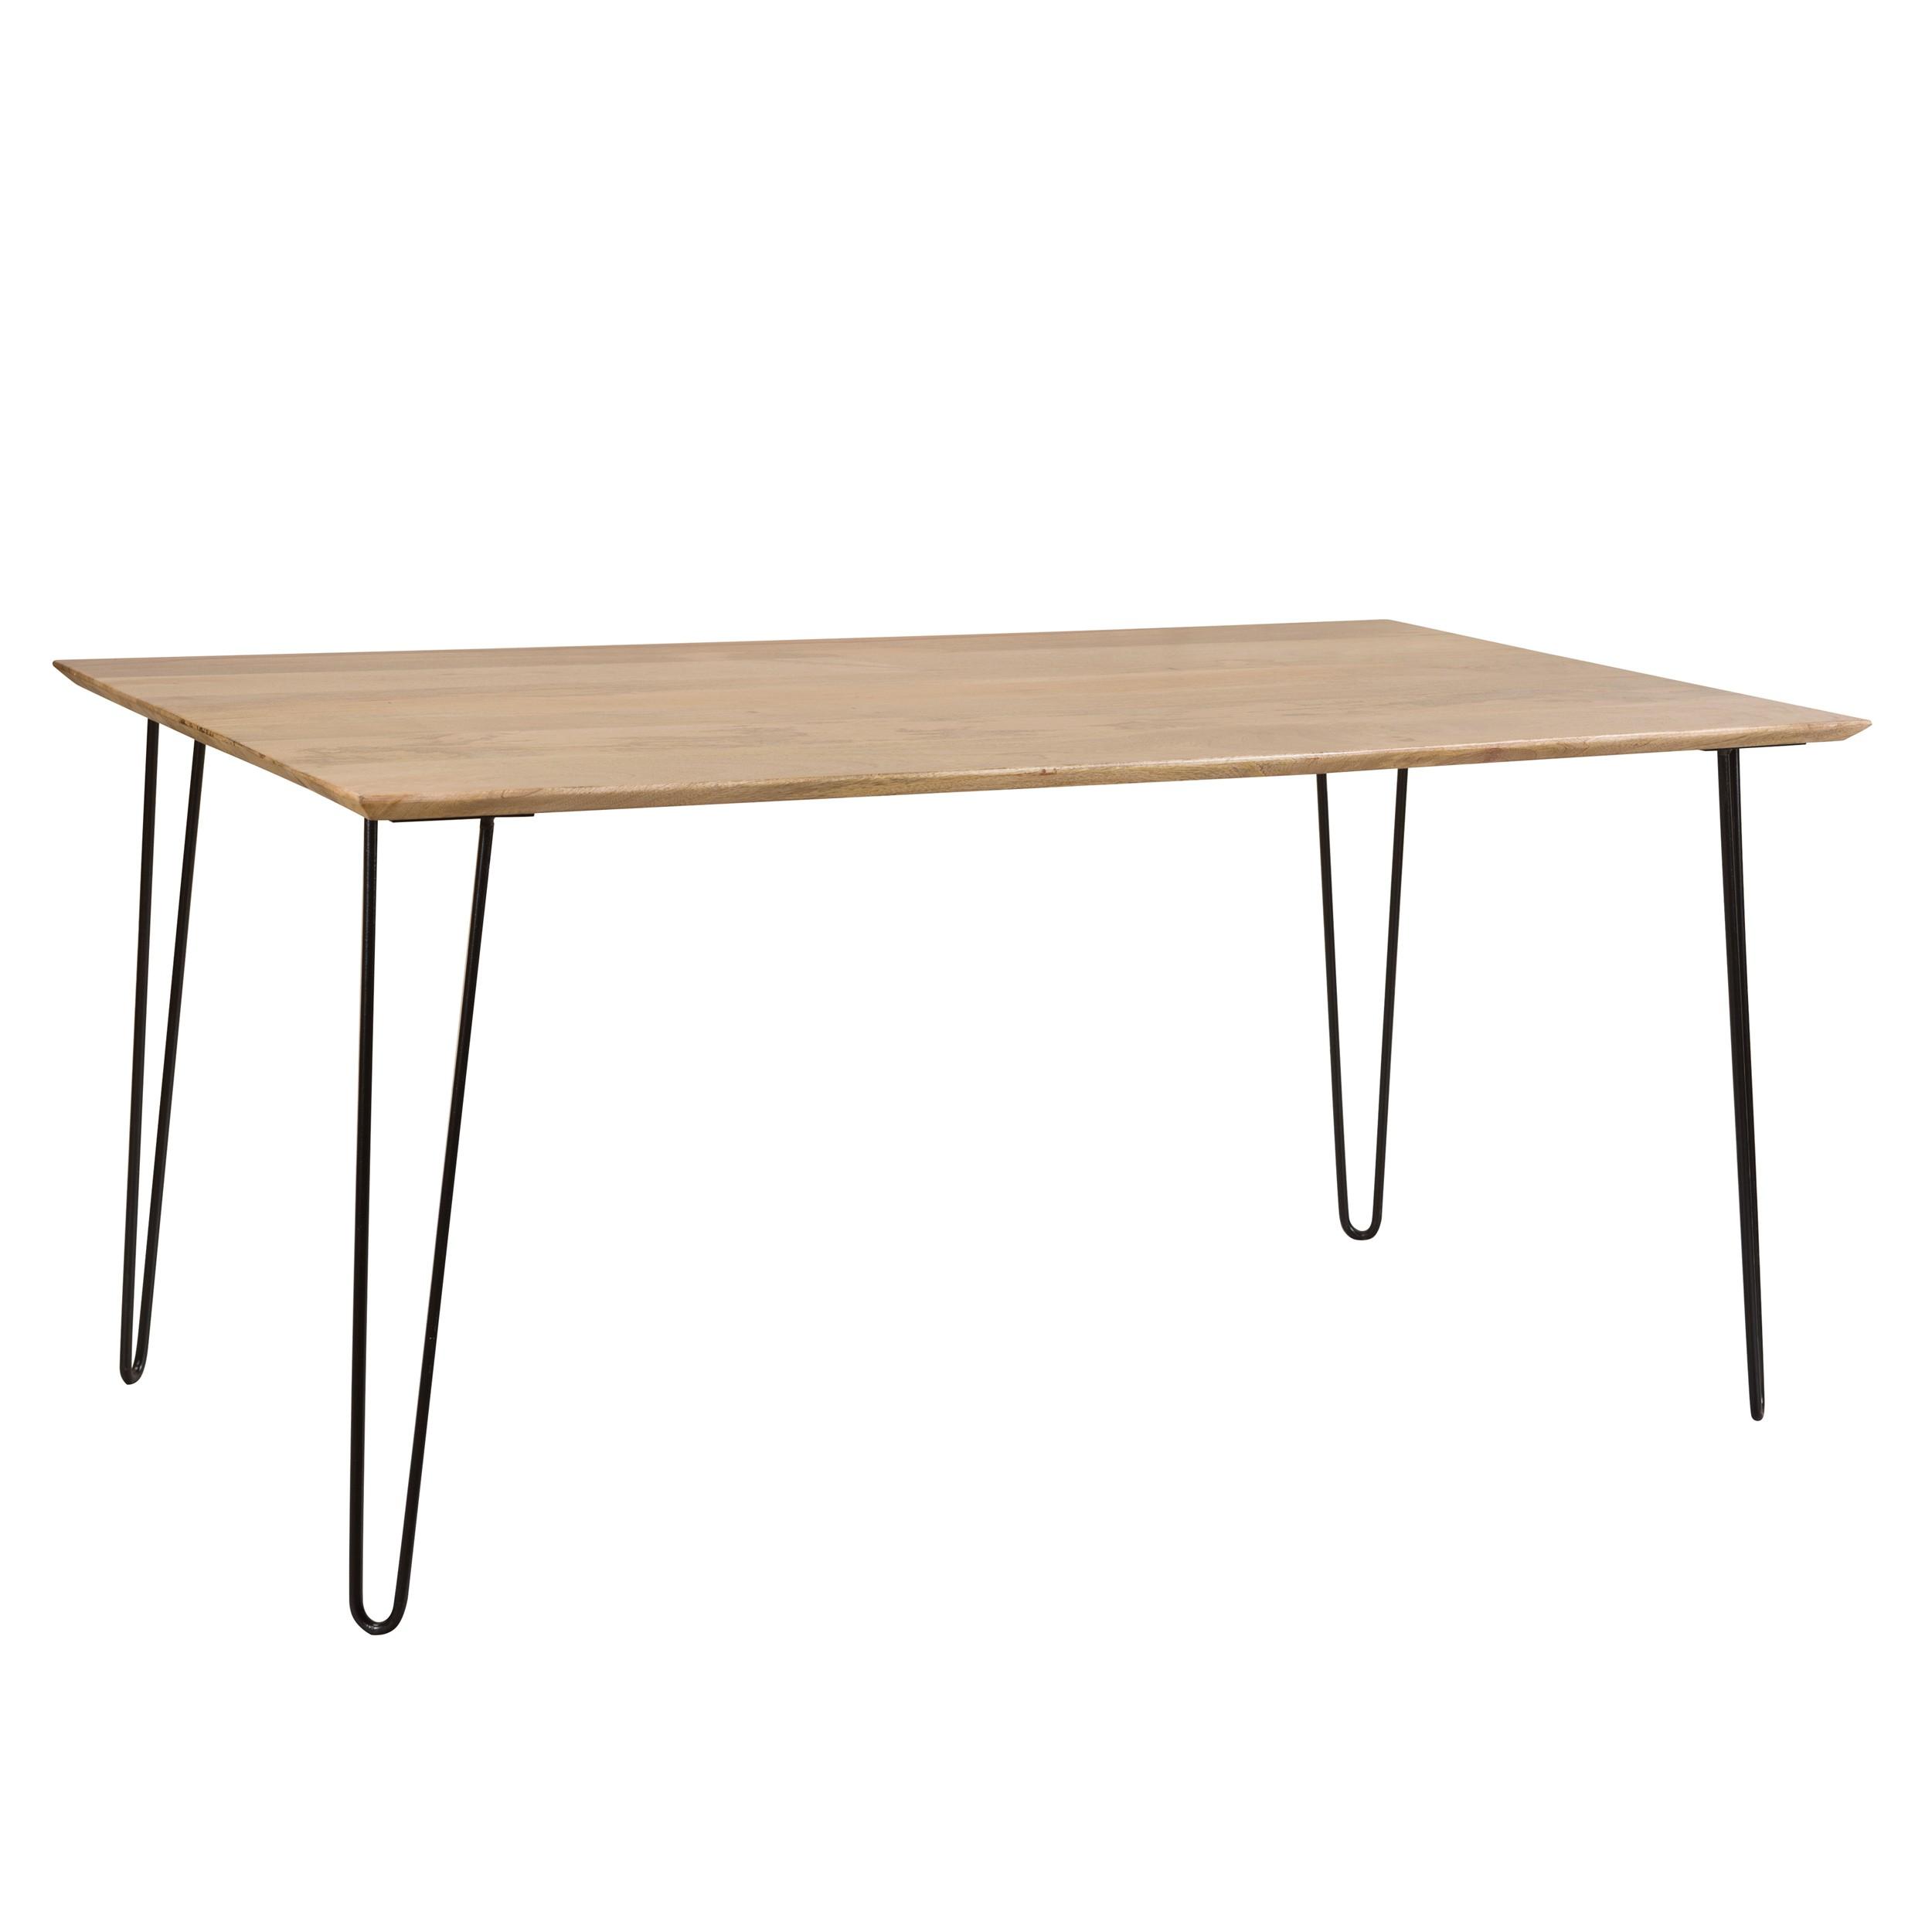 table rectangulaire kiwi 160 cm en bois